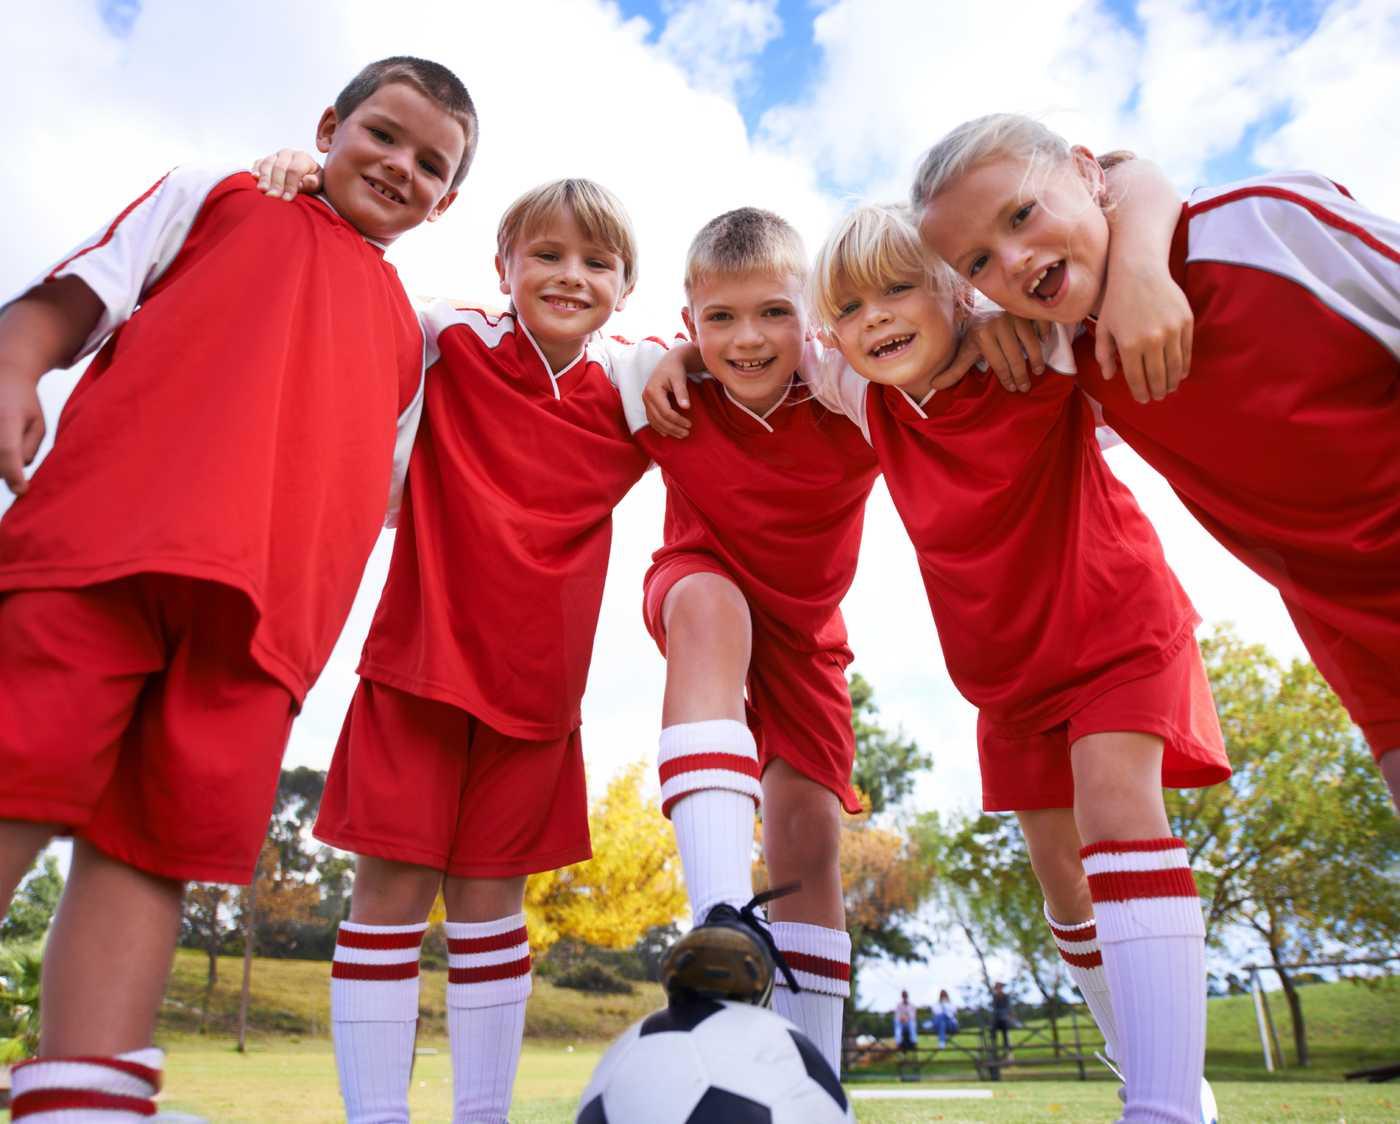 Jäsenrekisteri, laskutus, tiedotus sekä tapahtumahallinta kuntoon, ja voit keskittyä itse urheiluun!